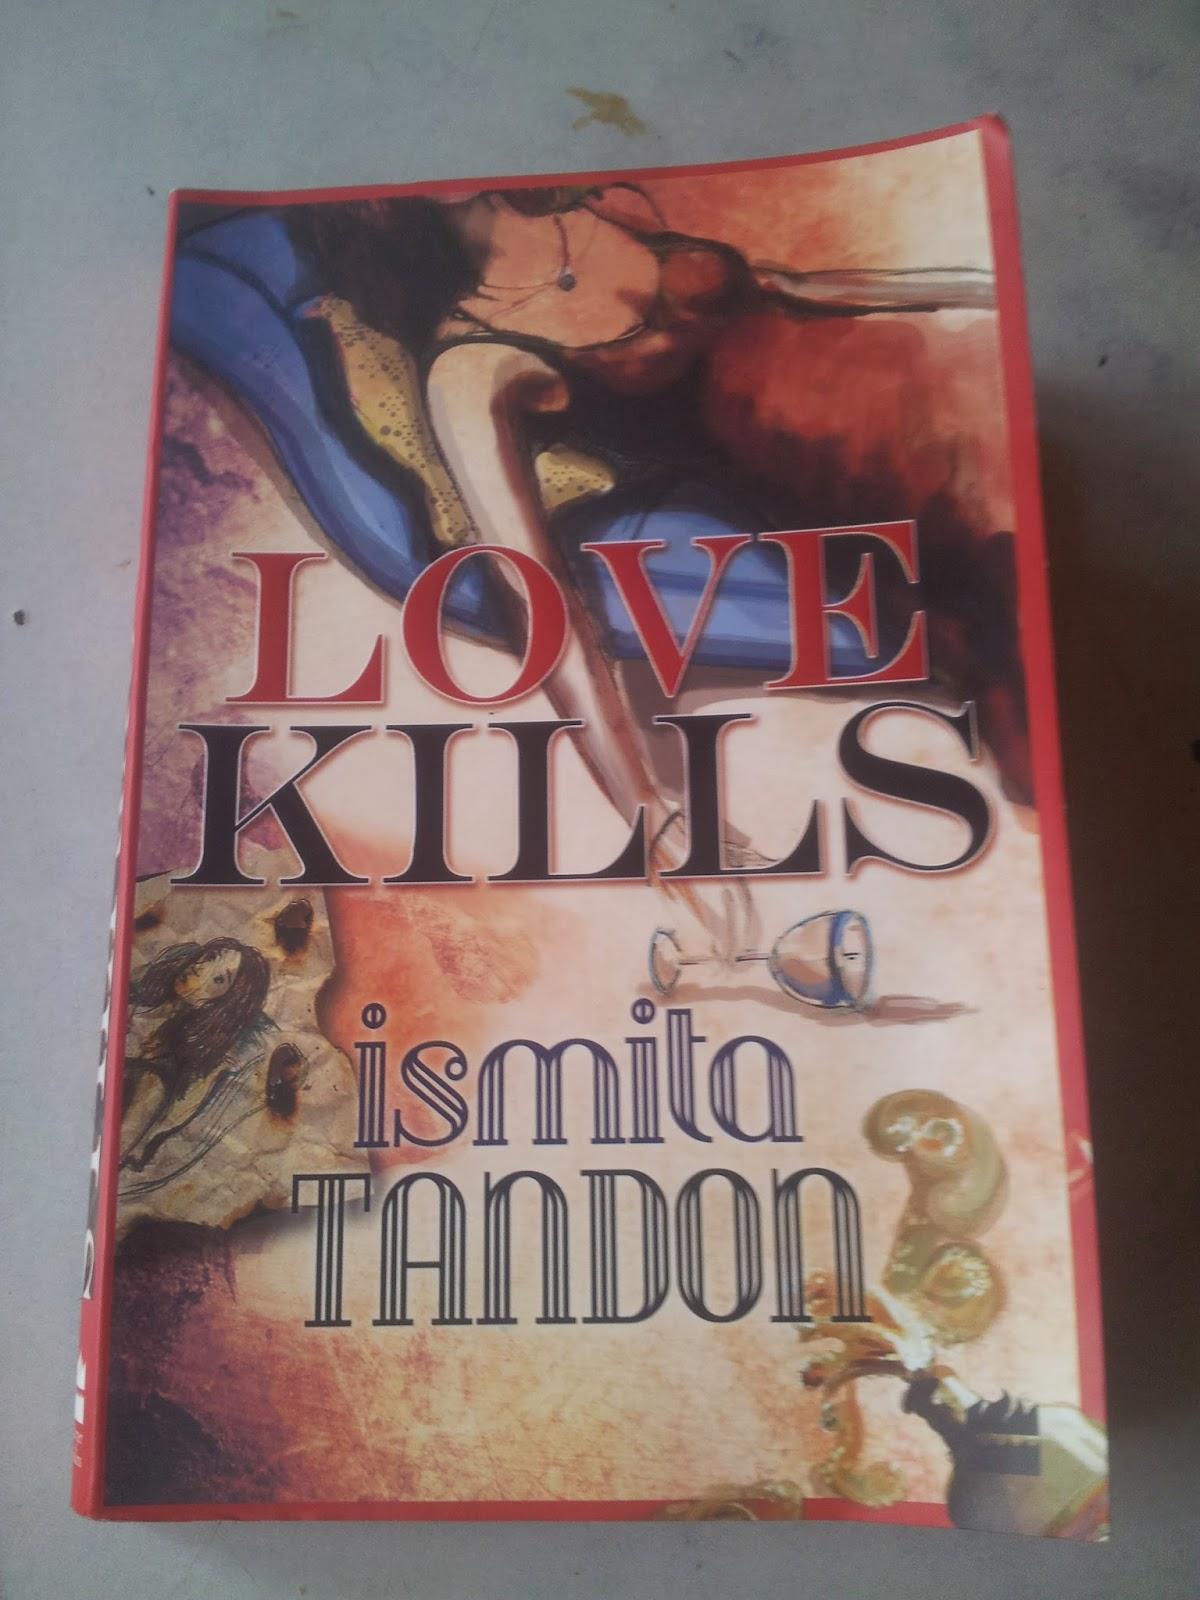 Love kills  book cover